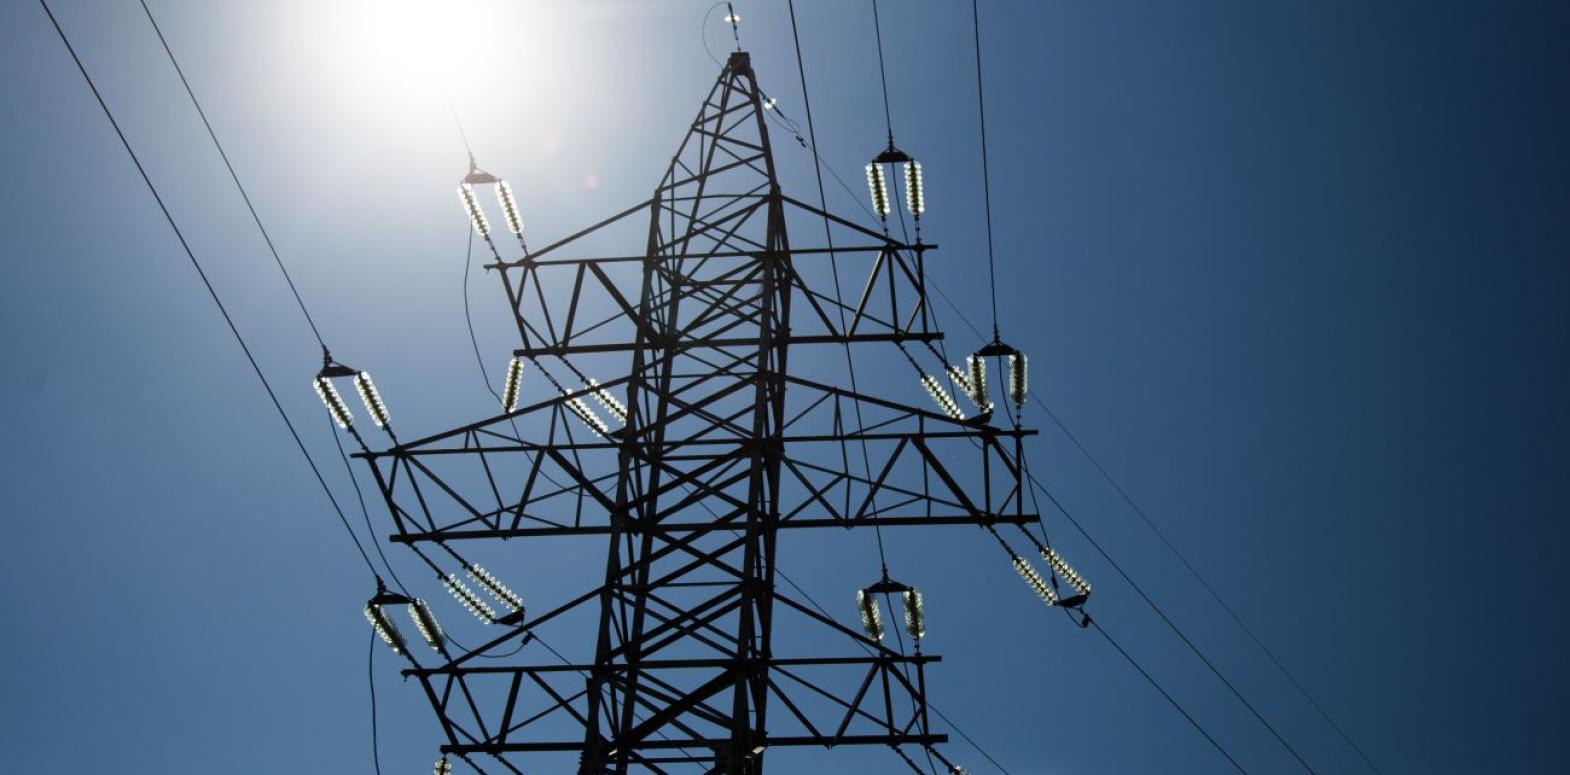 Украина впервые с 2014 года возобновила экспорт электроэнергии в Беларусь